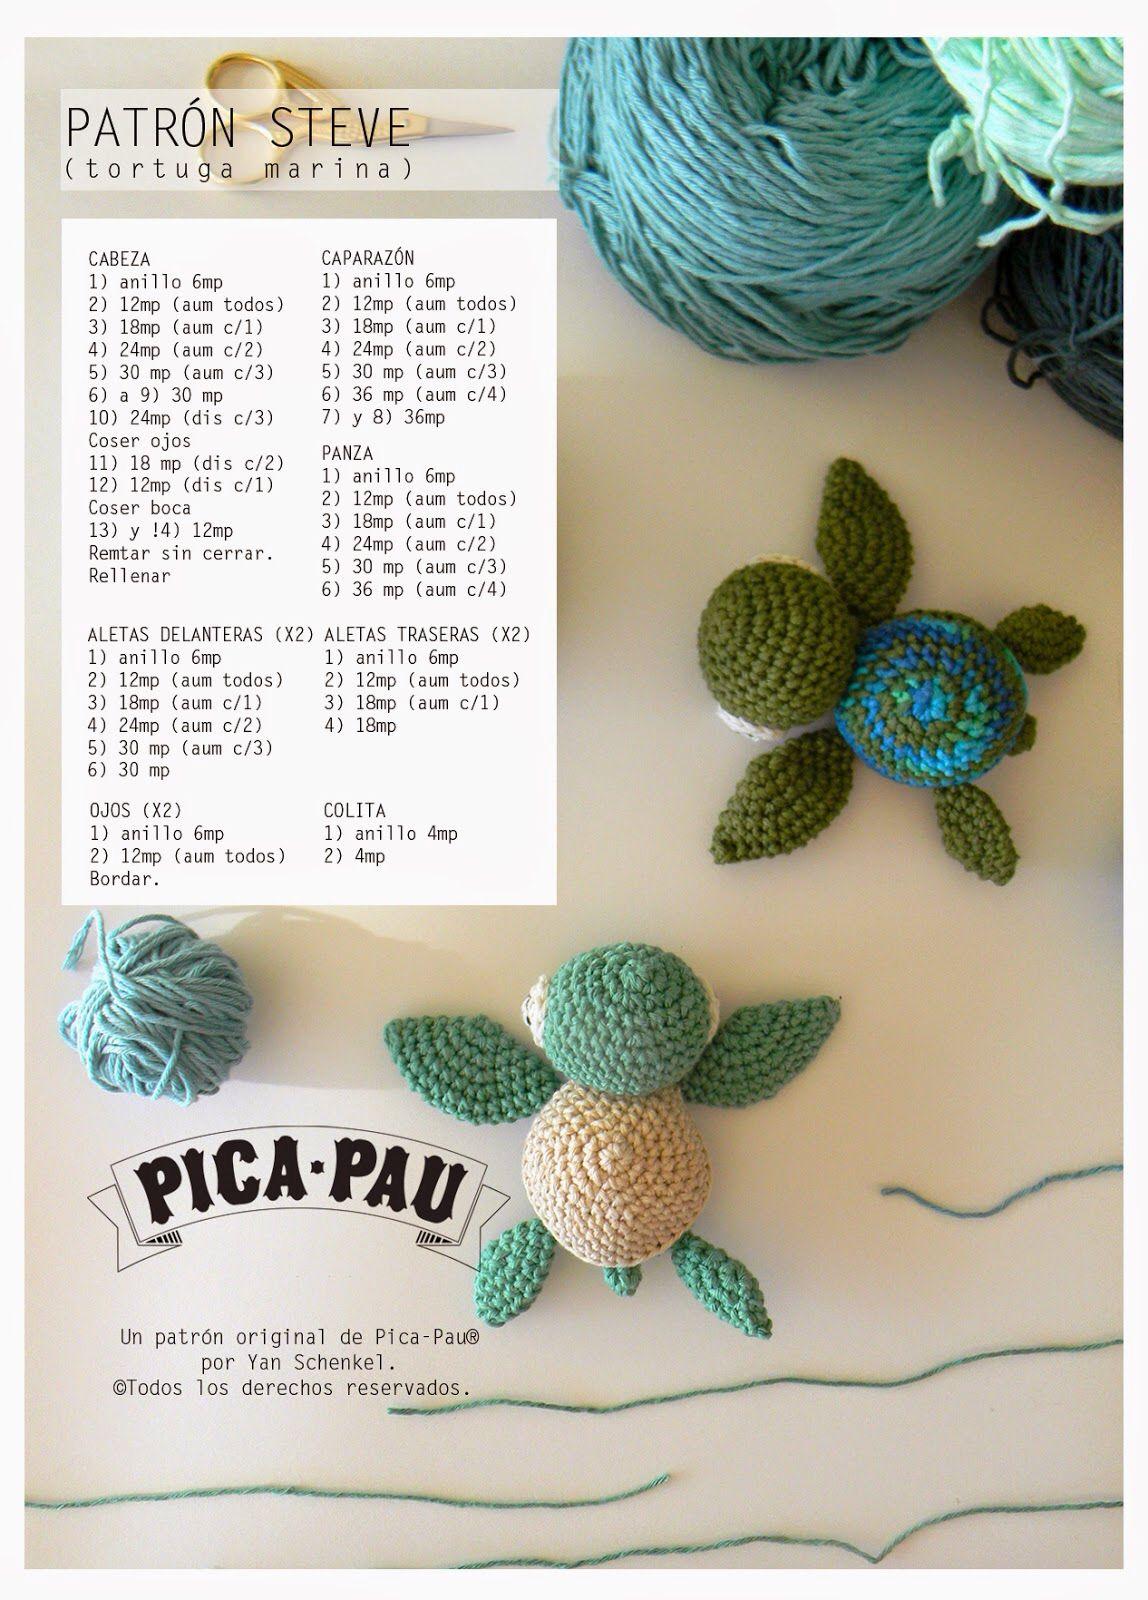 Patrón tortuga en crochet - by pica-pau | Amigurumi ... - photo#39